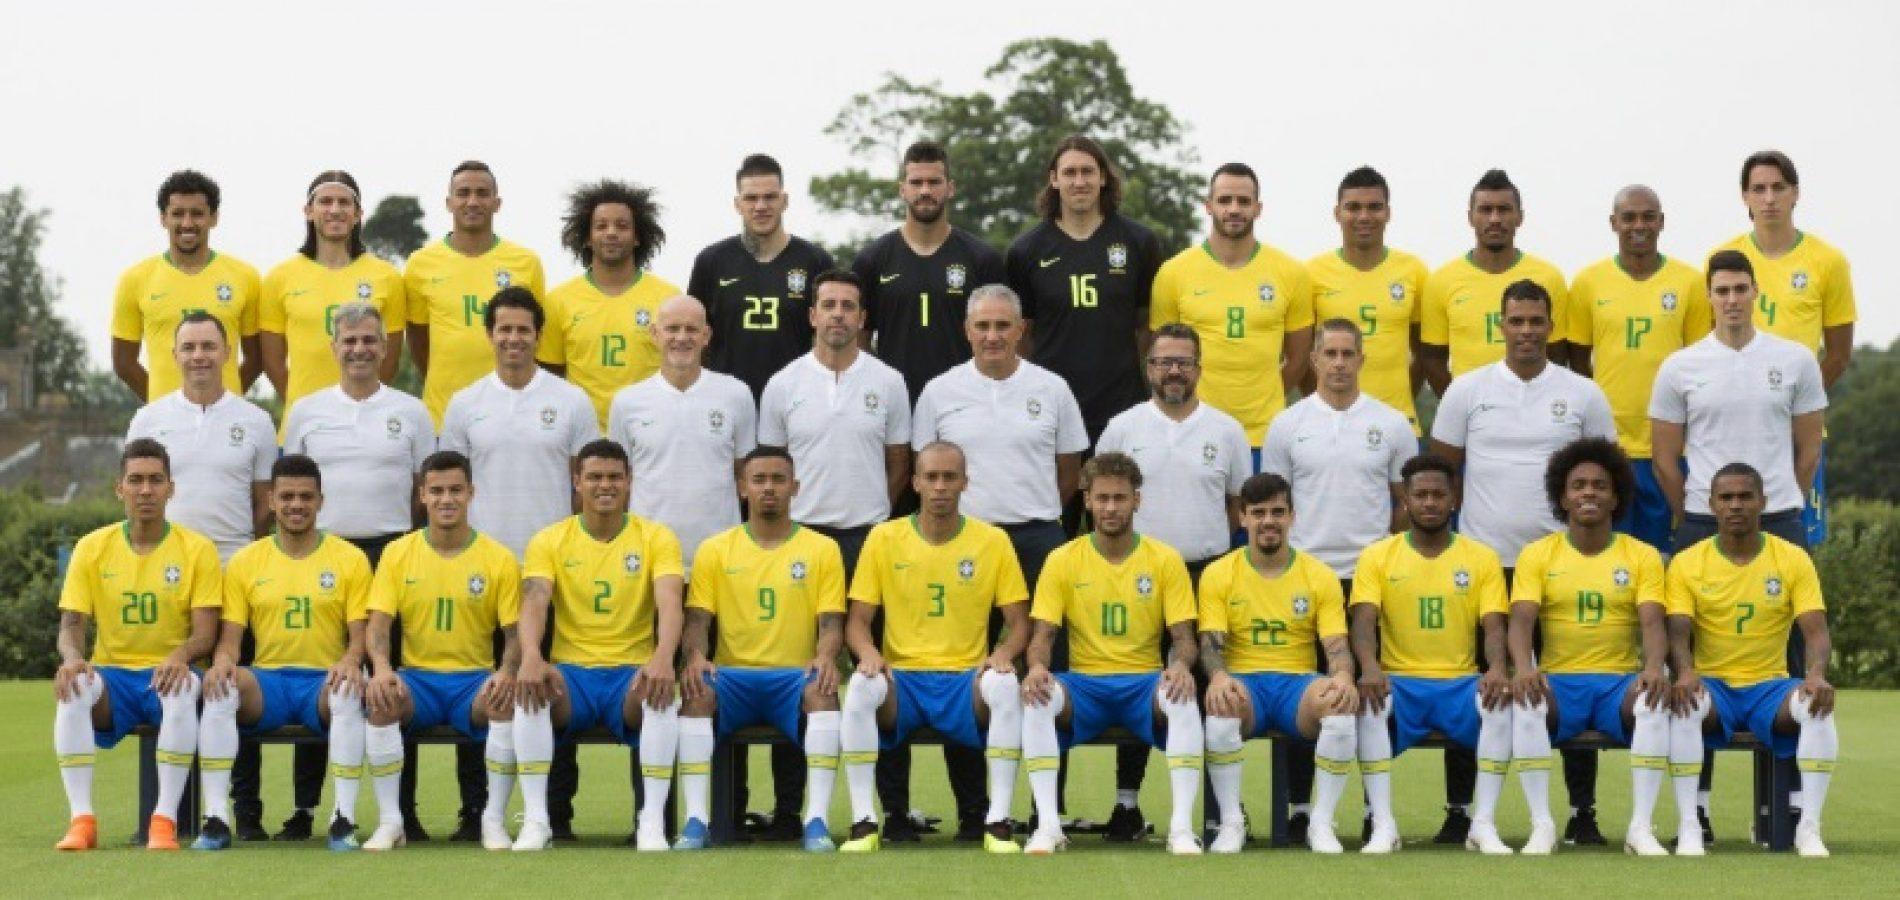 CBF divulga foto oficial da seleção brasileira na Copa da Rússia